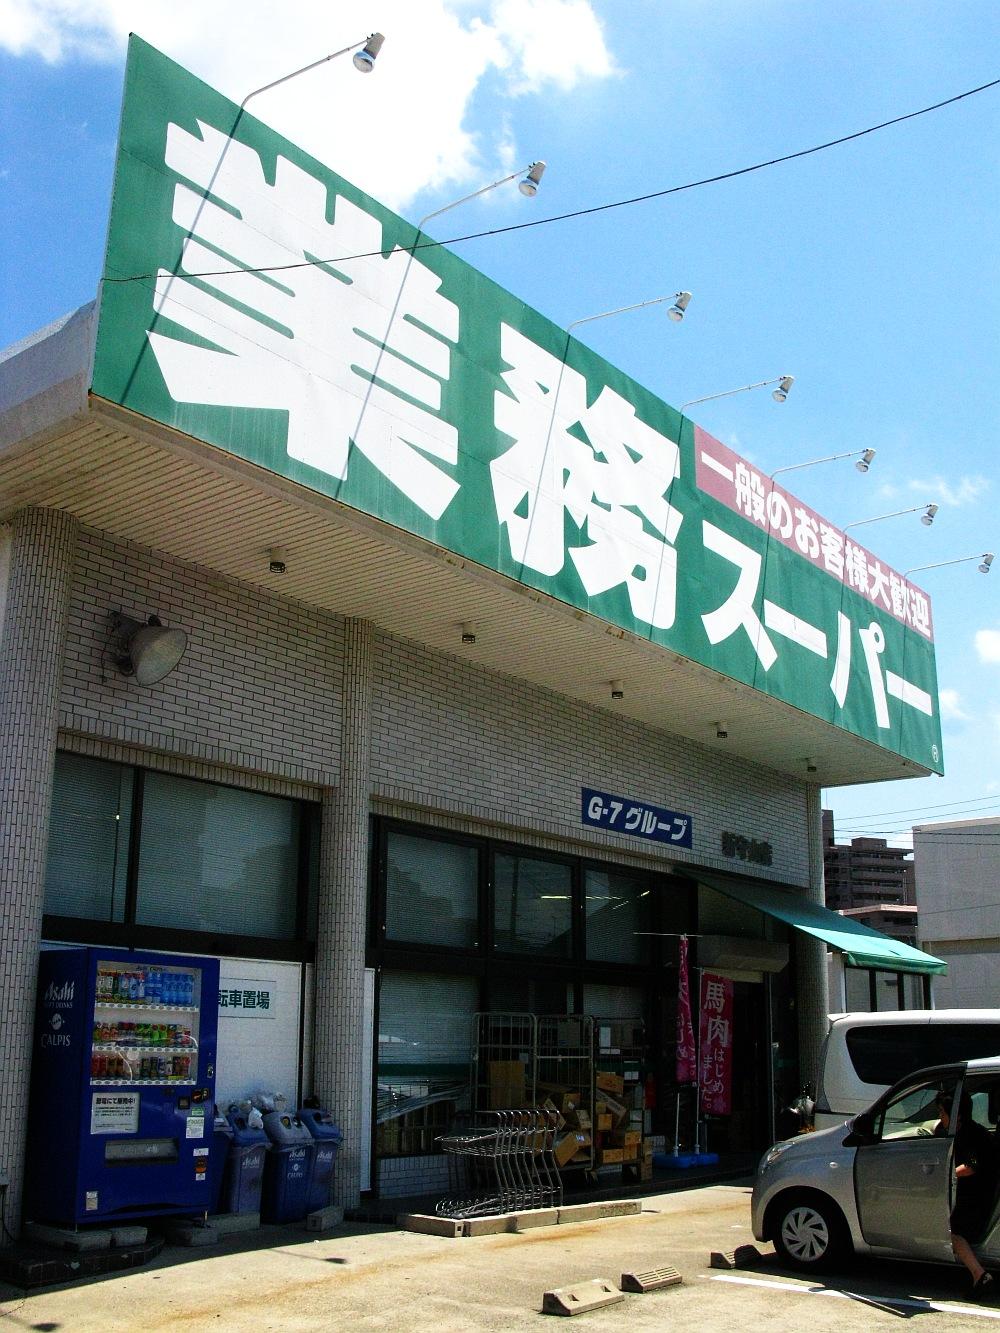 2018_06_03 新守山:業務スーパー05